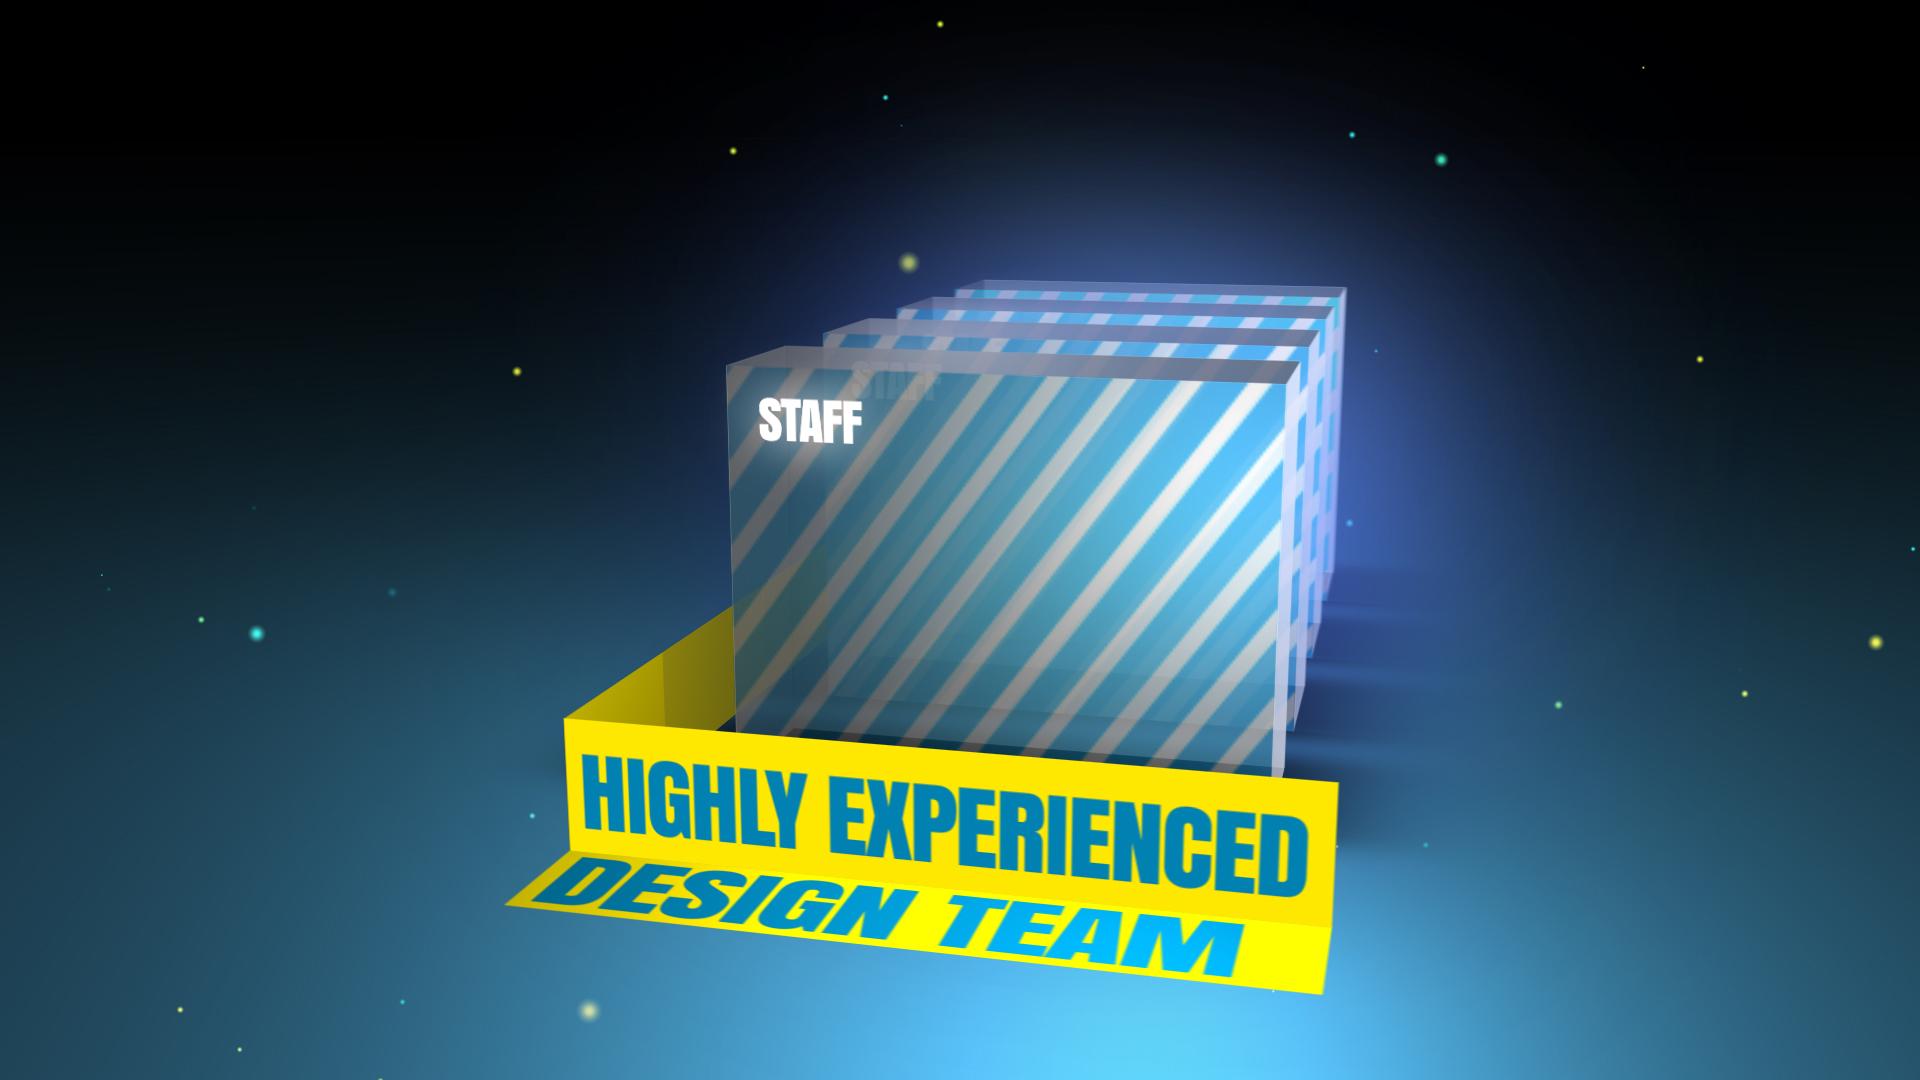 商业与服务After Effects 屏保 #50103